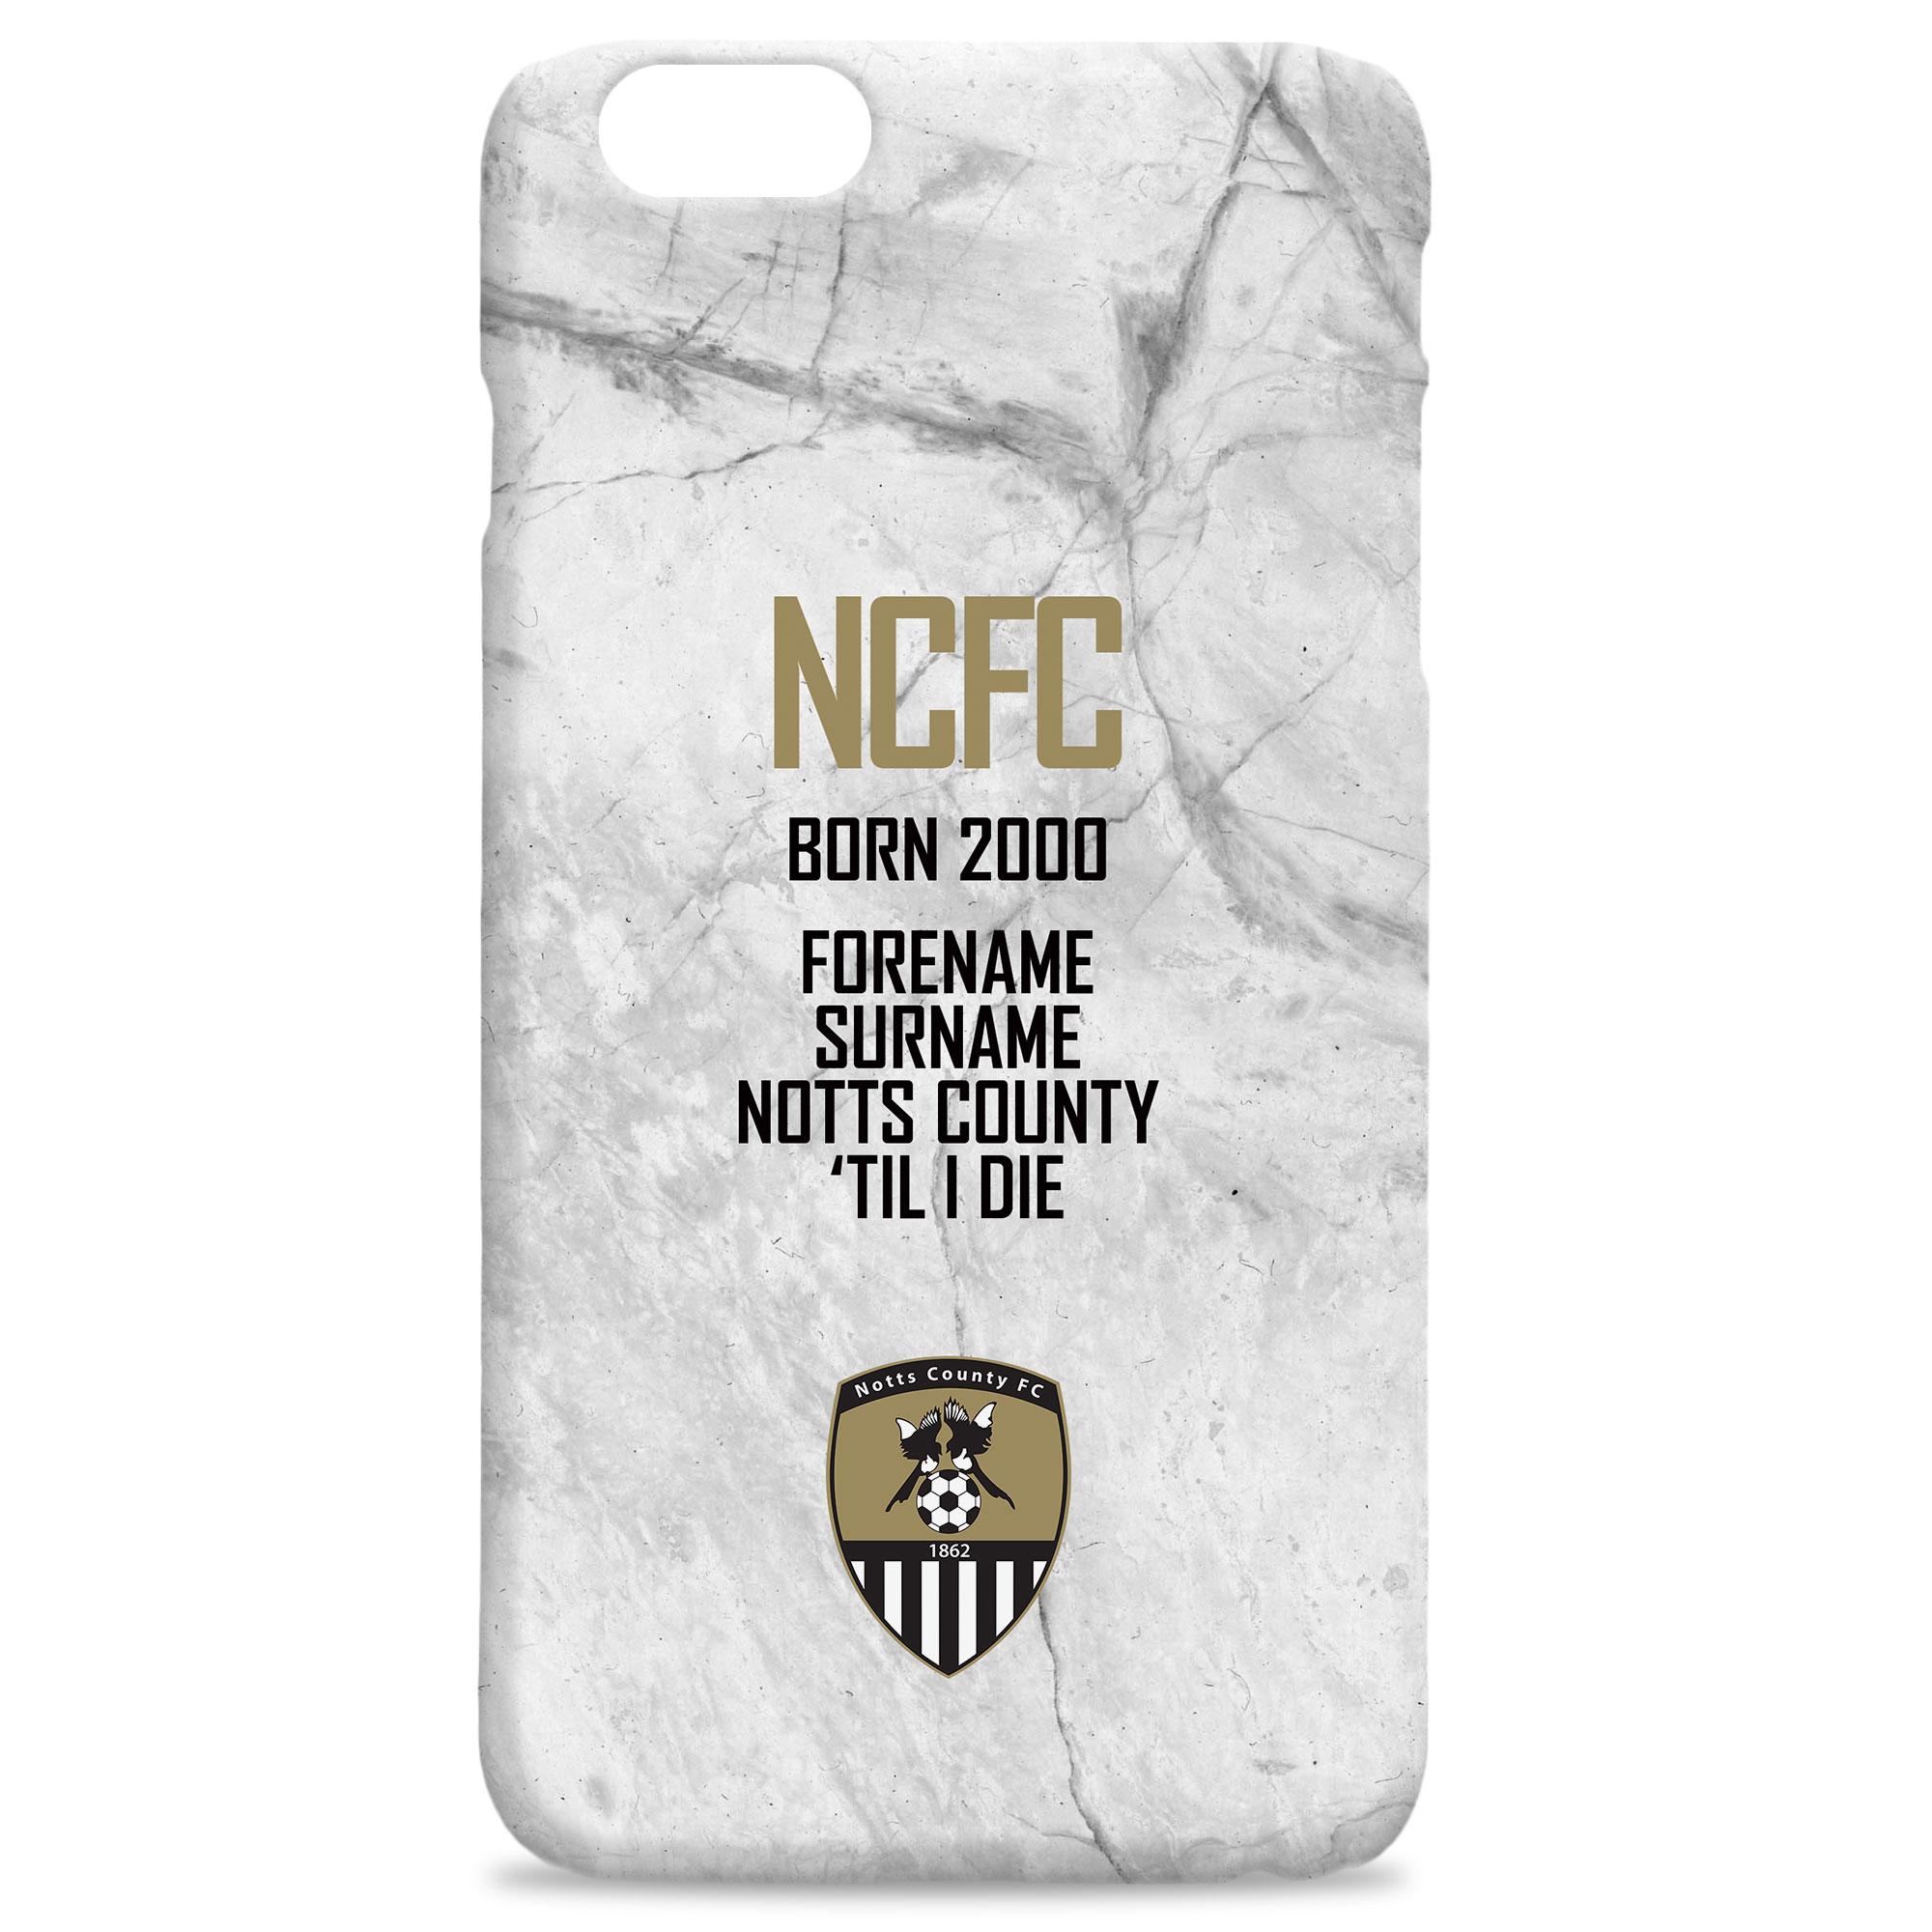 Notts County FC 'Til I Die Hard Back Phone Case